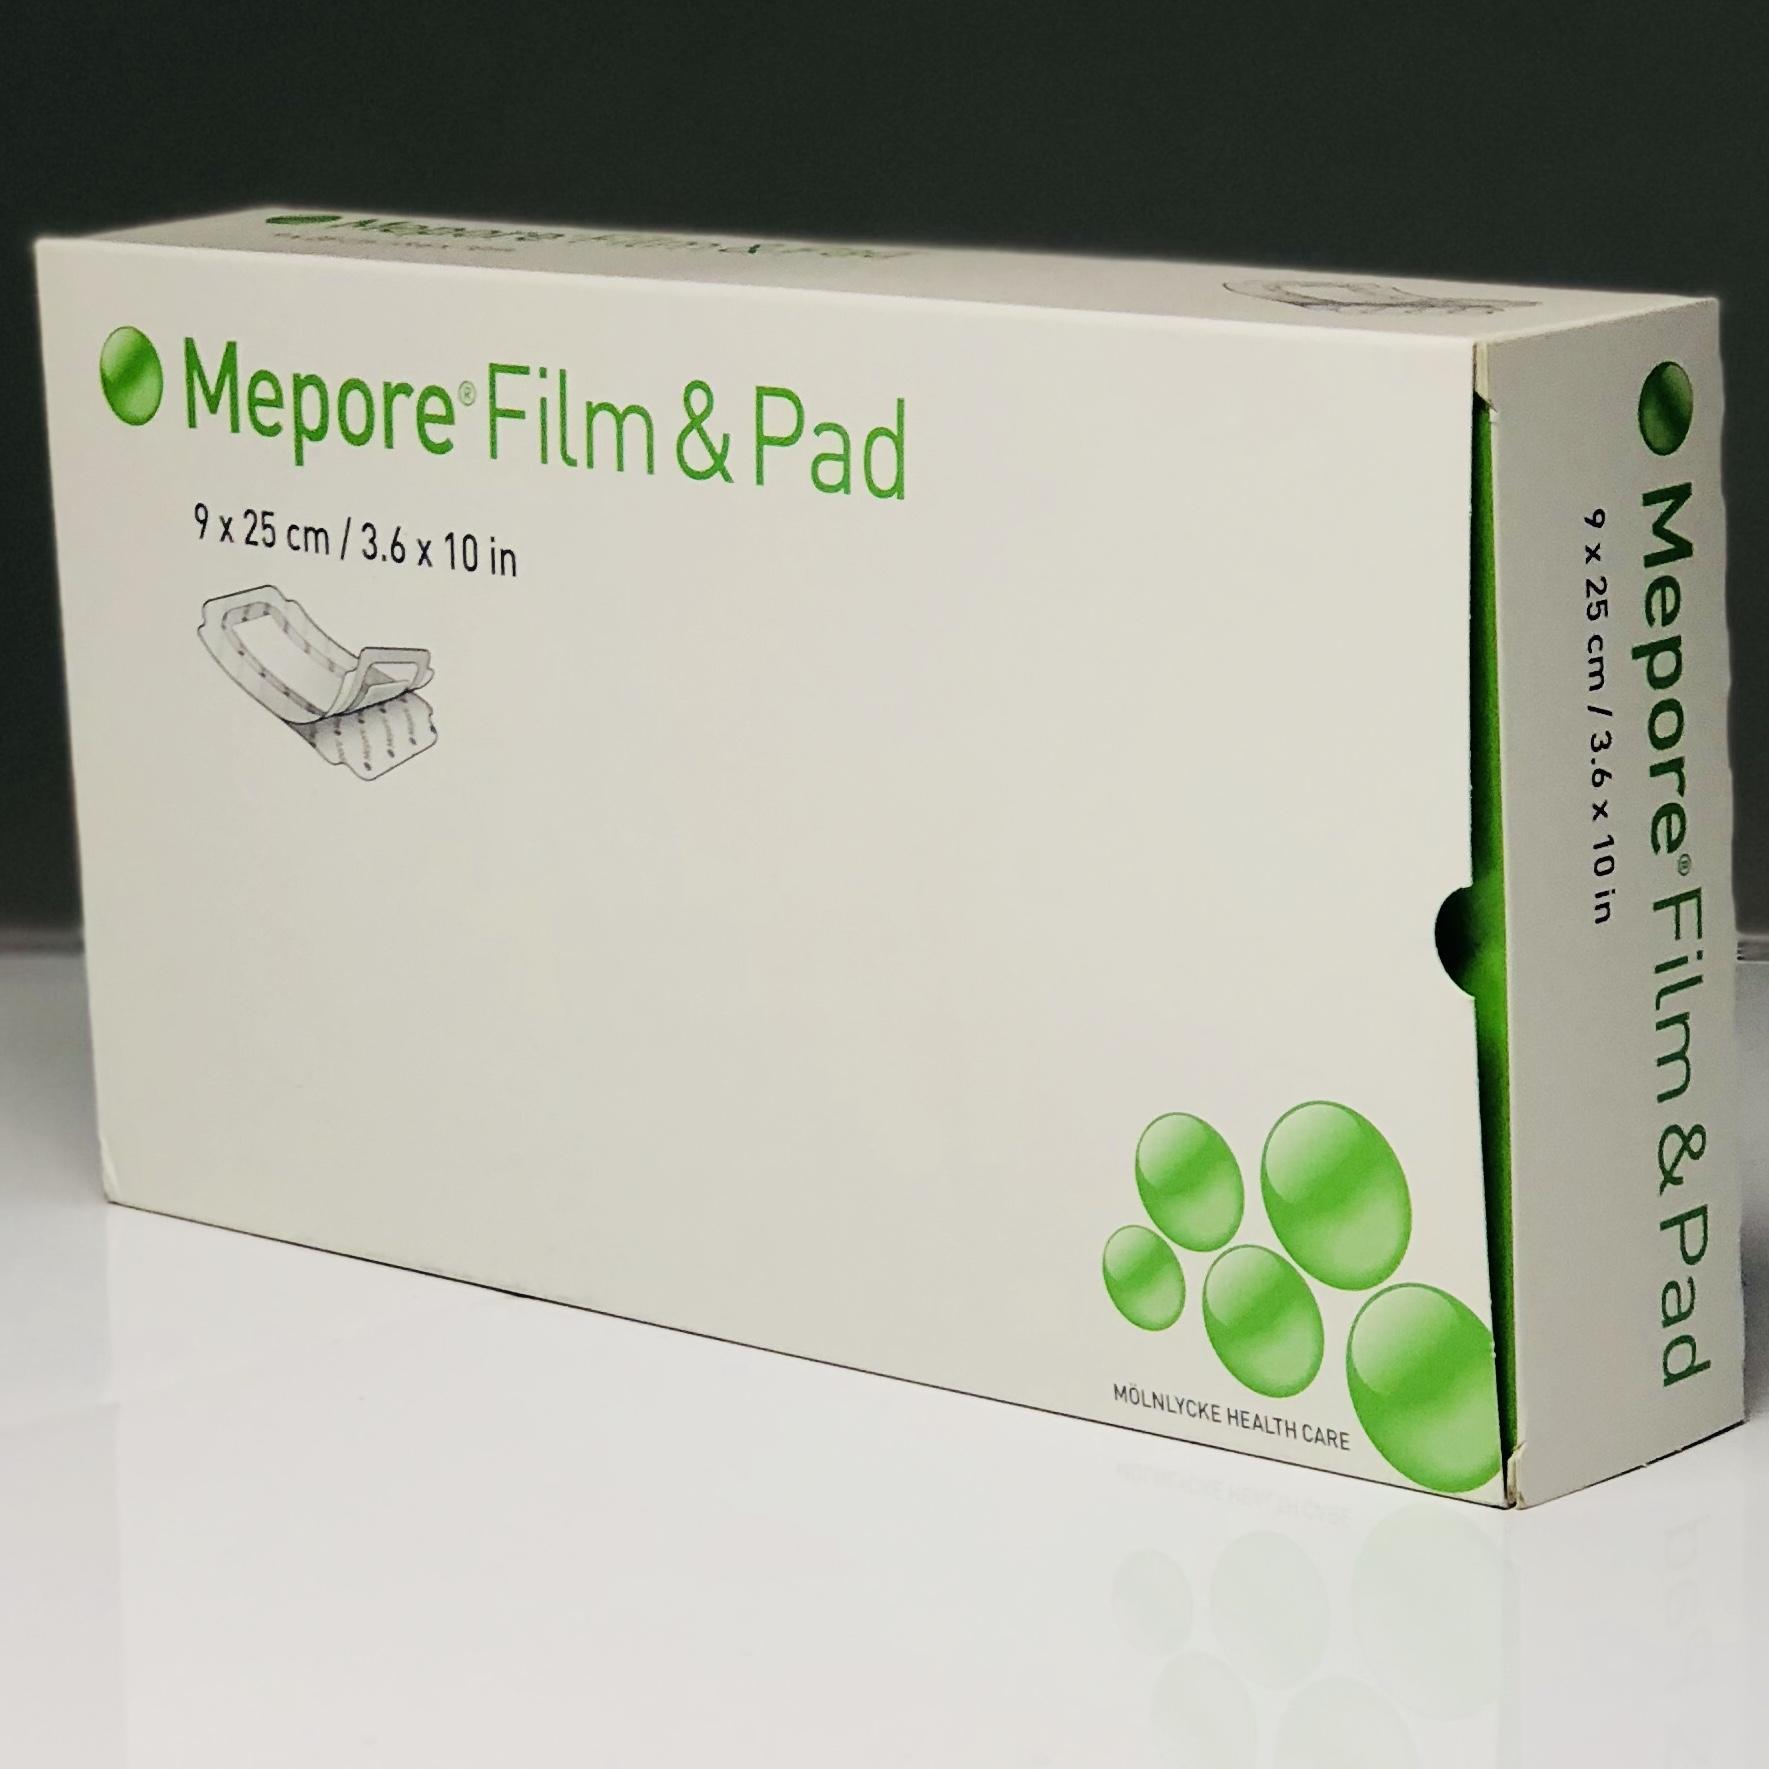 MEPORE FILM & PAD 9CMx25CM BOX 30